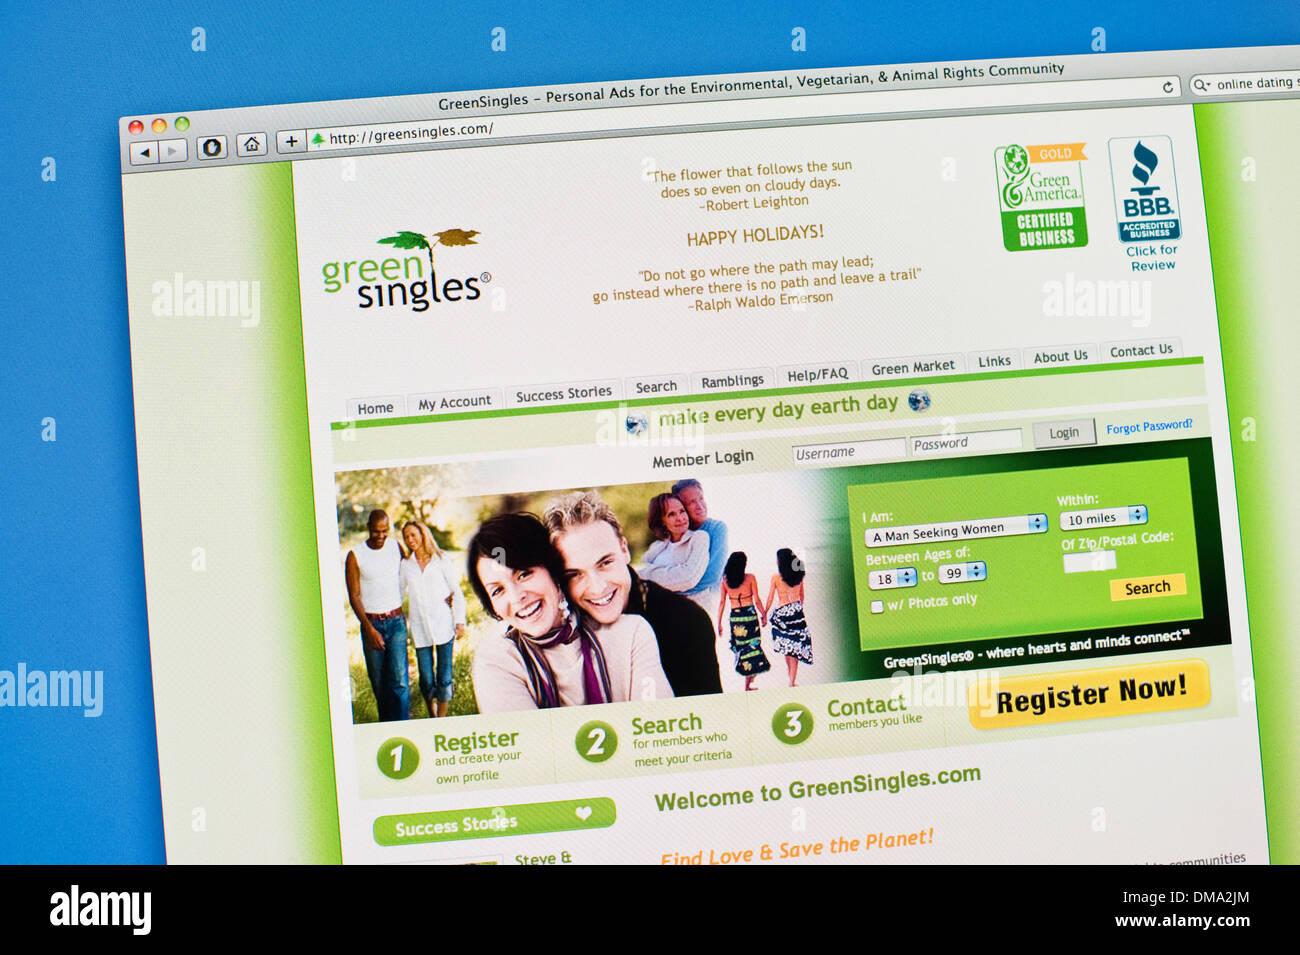 sa singles rencontres en ligne Quel est le meilleur titre pour les rencontres en ligne